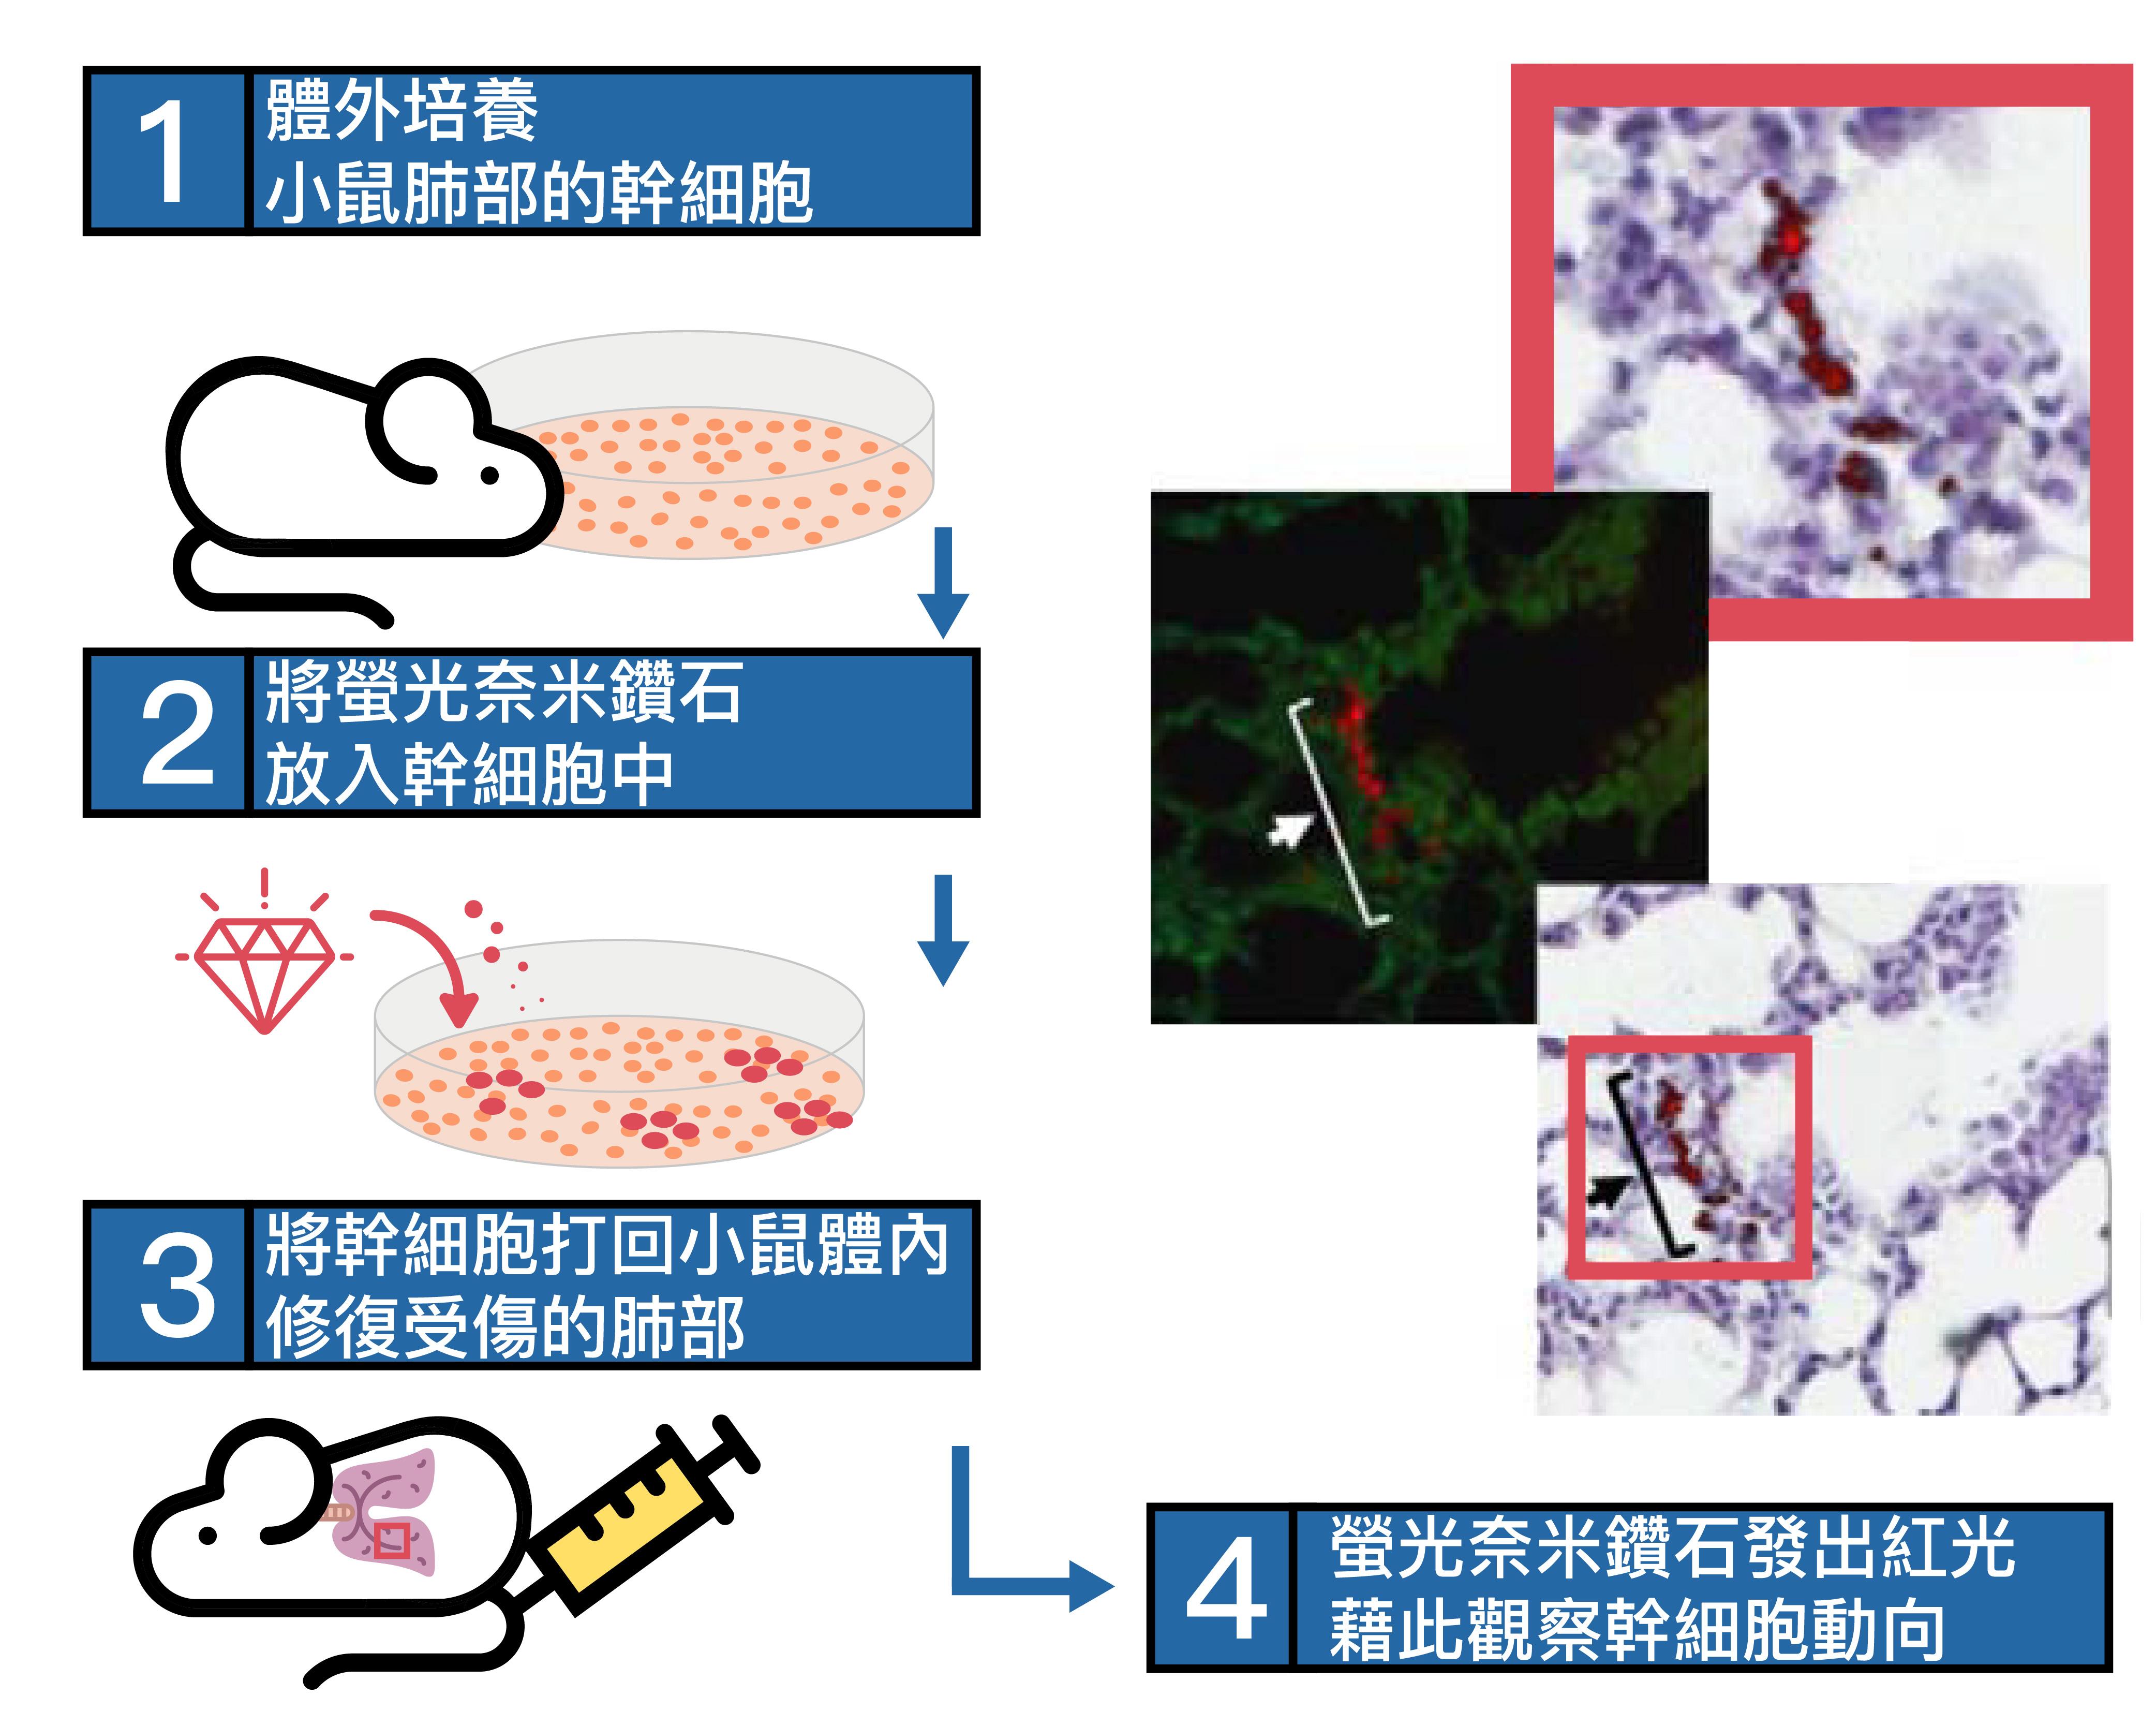 利用螢光奈米鑽石追蹤幹細胞。 資料來源│〈螢光奈米鑽石〉,作者:張煥正 圖說重製│張語辰